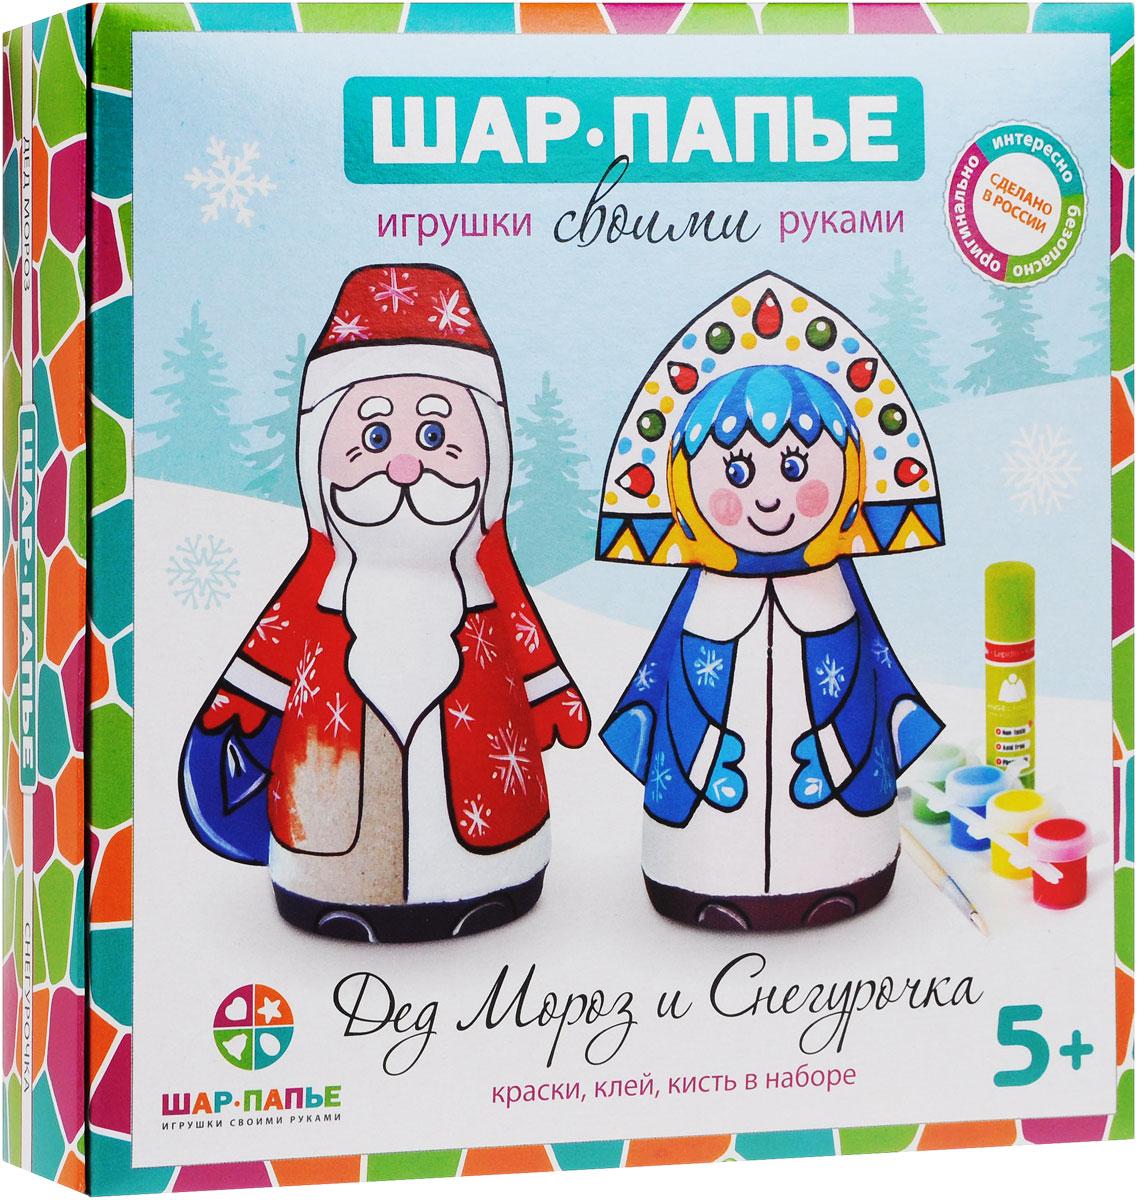 Шар-папье Набор для изготовления игрушек Дед Мороз и СнегурочкаВ0160611Набор для изготовления игрушек Шар-папье Дед Мороз и Снегурочка позволит вам и вашему ребенку своими руками сделать фигурки Деда Мороза и Снегурочки. Фигурки можно раскрасить и декорировать различными материалами по своему усмотрению. Набор включает в себя все необходимые элементы: заготовки из прессованной бумажной массы, вставки из гофрокартона, контур, акриловые краски 6 цветов, кисточку, клей, фурнитуру и подробную иллюстрированную инструкцию на русском языке. Папье-маше - это легко поддающаяся обработке бумажная или картонная масса. Наклеивая полоски папье-маше на заранее подготовленную модель и высушивая изделие, можно получить легкий и удобный для росписи предмет. С давних времен технику папье-маше использовали для изготовления самых разнообразных шкатулок, масок, игрушек, подносов, рам, а также карет и предметов мебели.